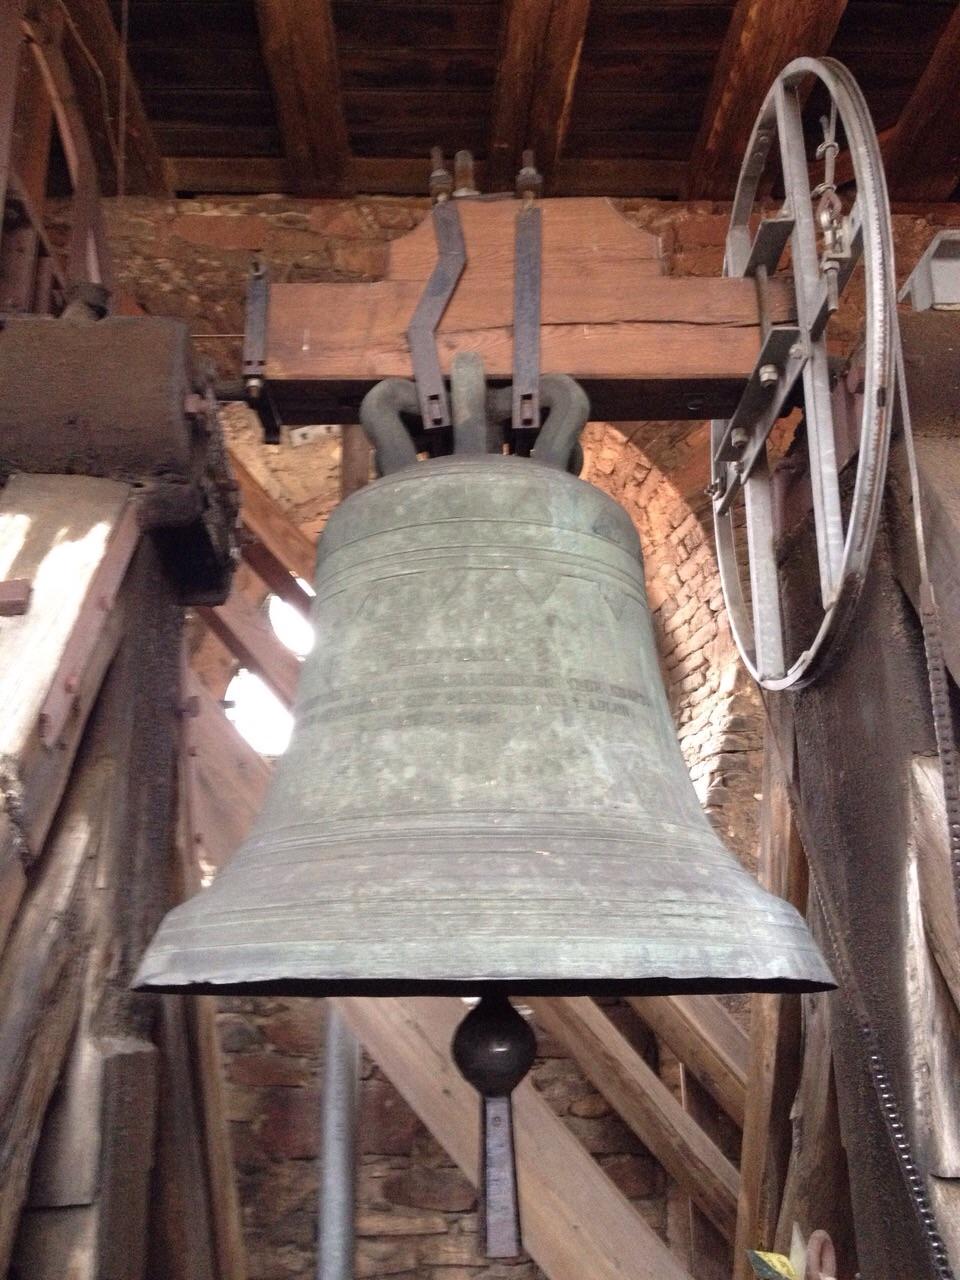 Freitag, 21. September 18 Uhr Die Glocken läuten zum internationalen Friedenstag